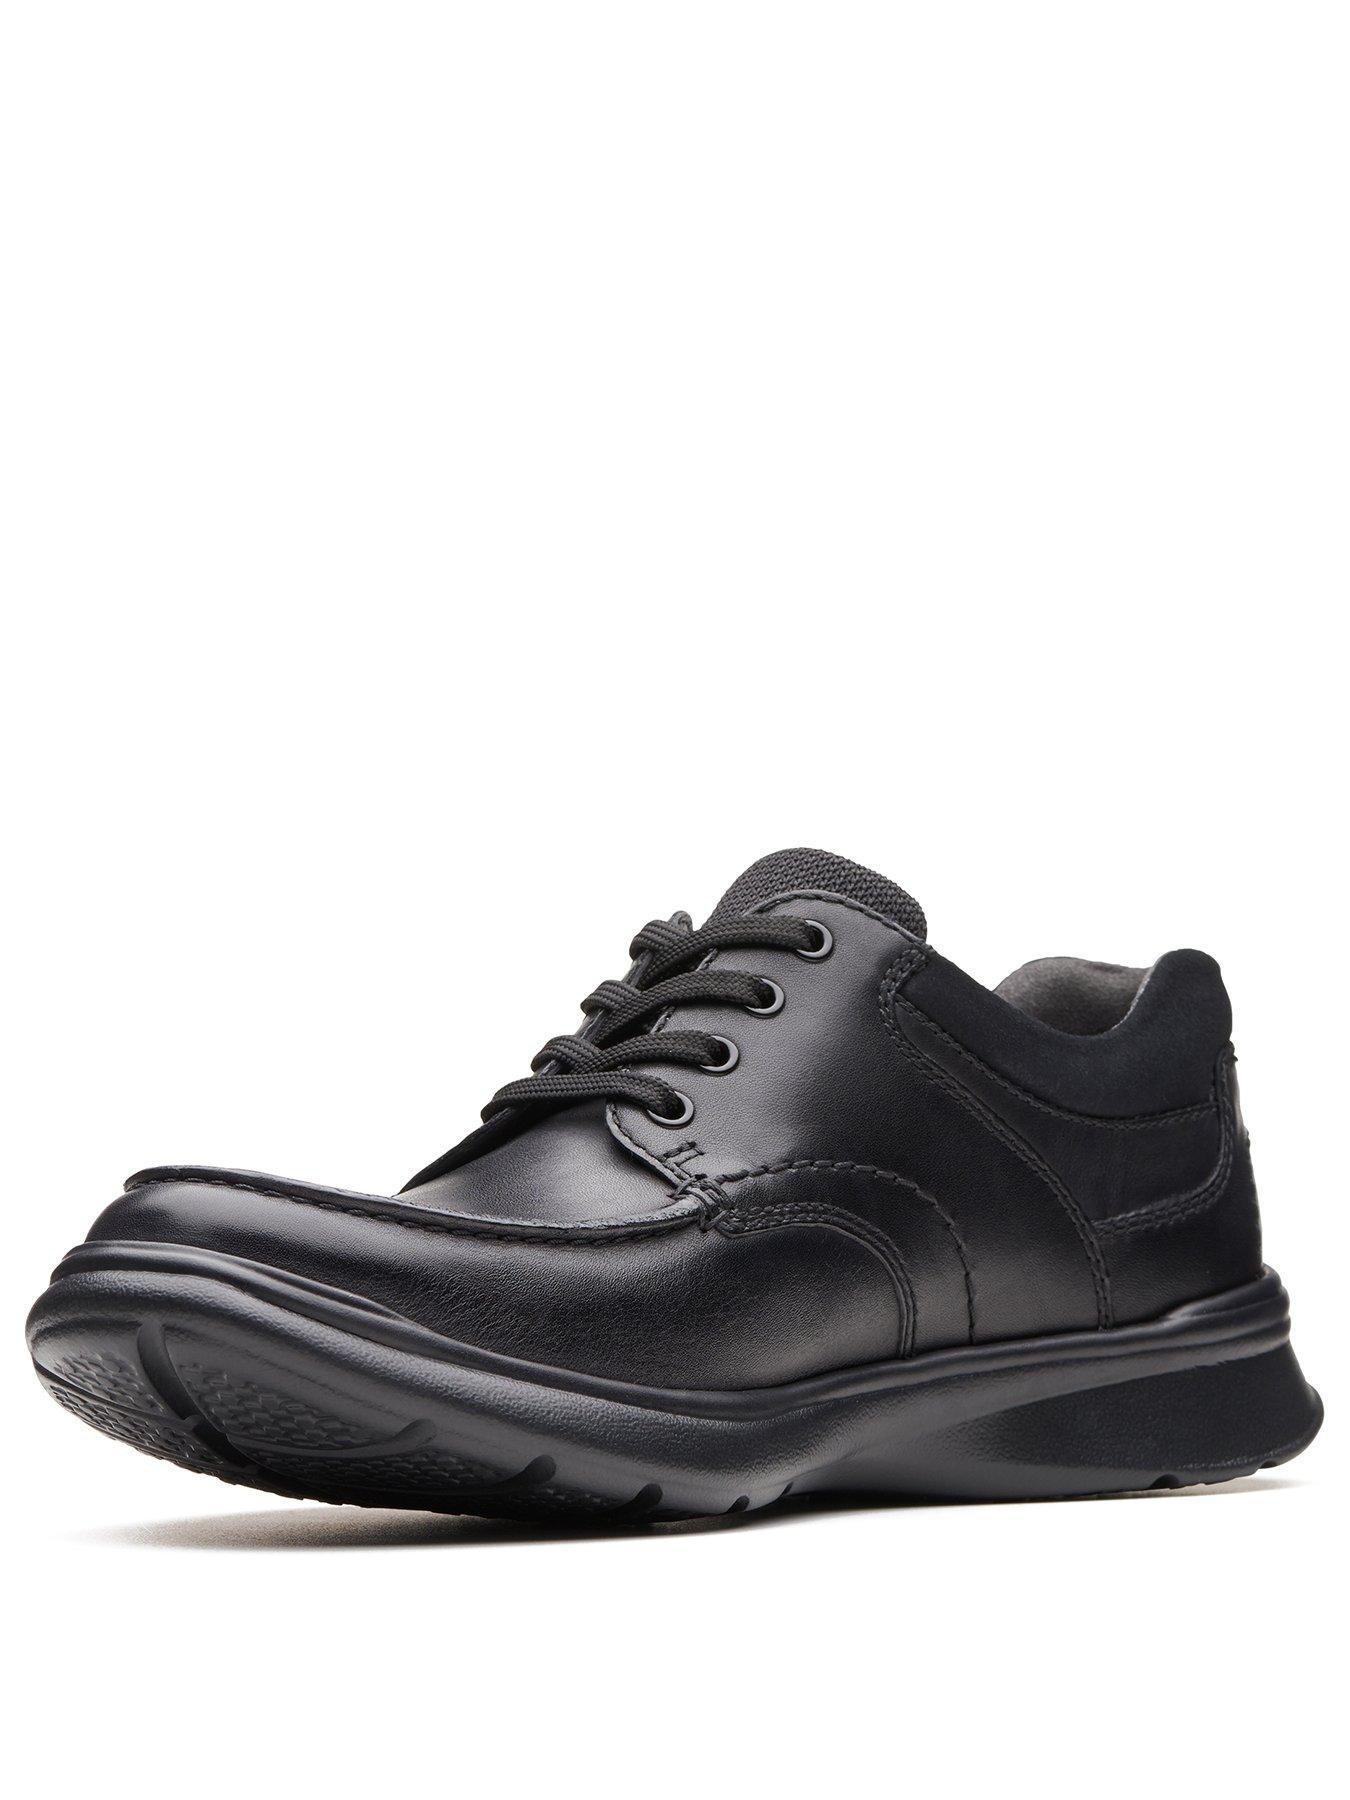 Wide | Shoes \u0026 boots | Men | www.very.co.uk